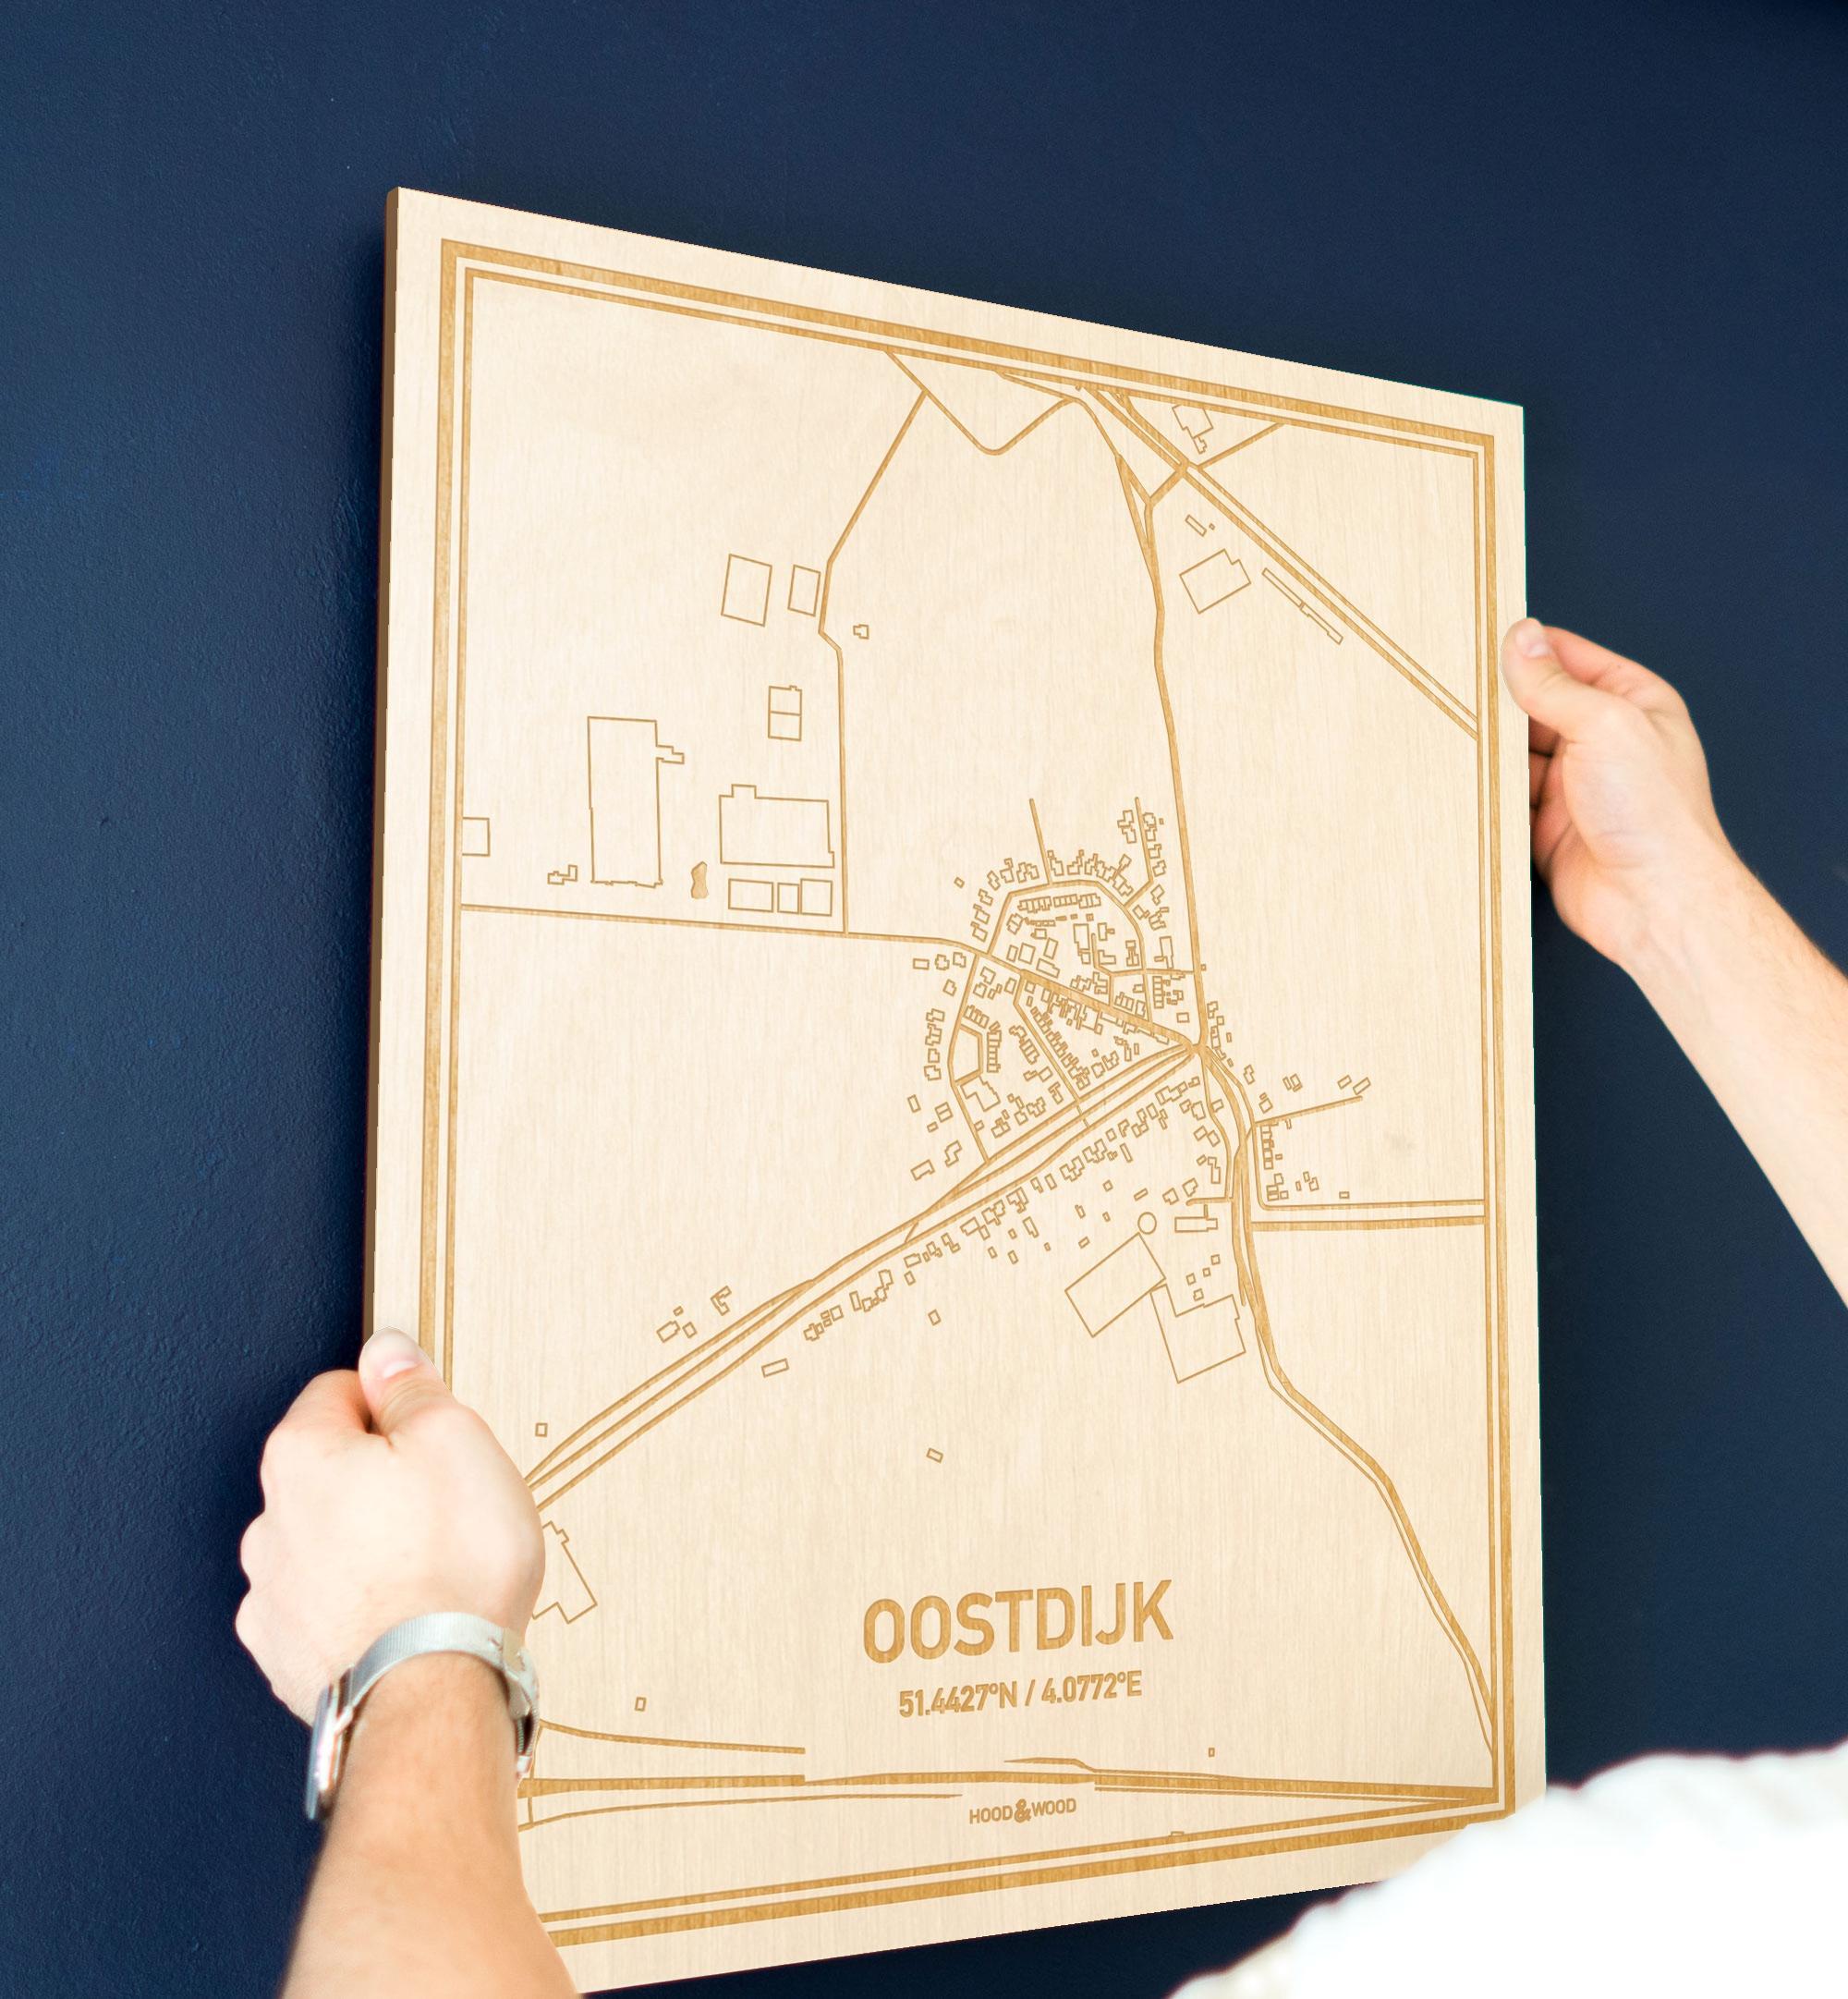 Een man hangt de houten plattegrond Oostdijk aan zijn blauwe muur ter decoratie. Je ziet alleen zijn handen de kaart van deze moderne in Zeeland vasthouden.